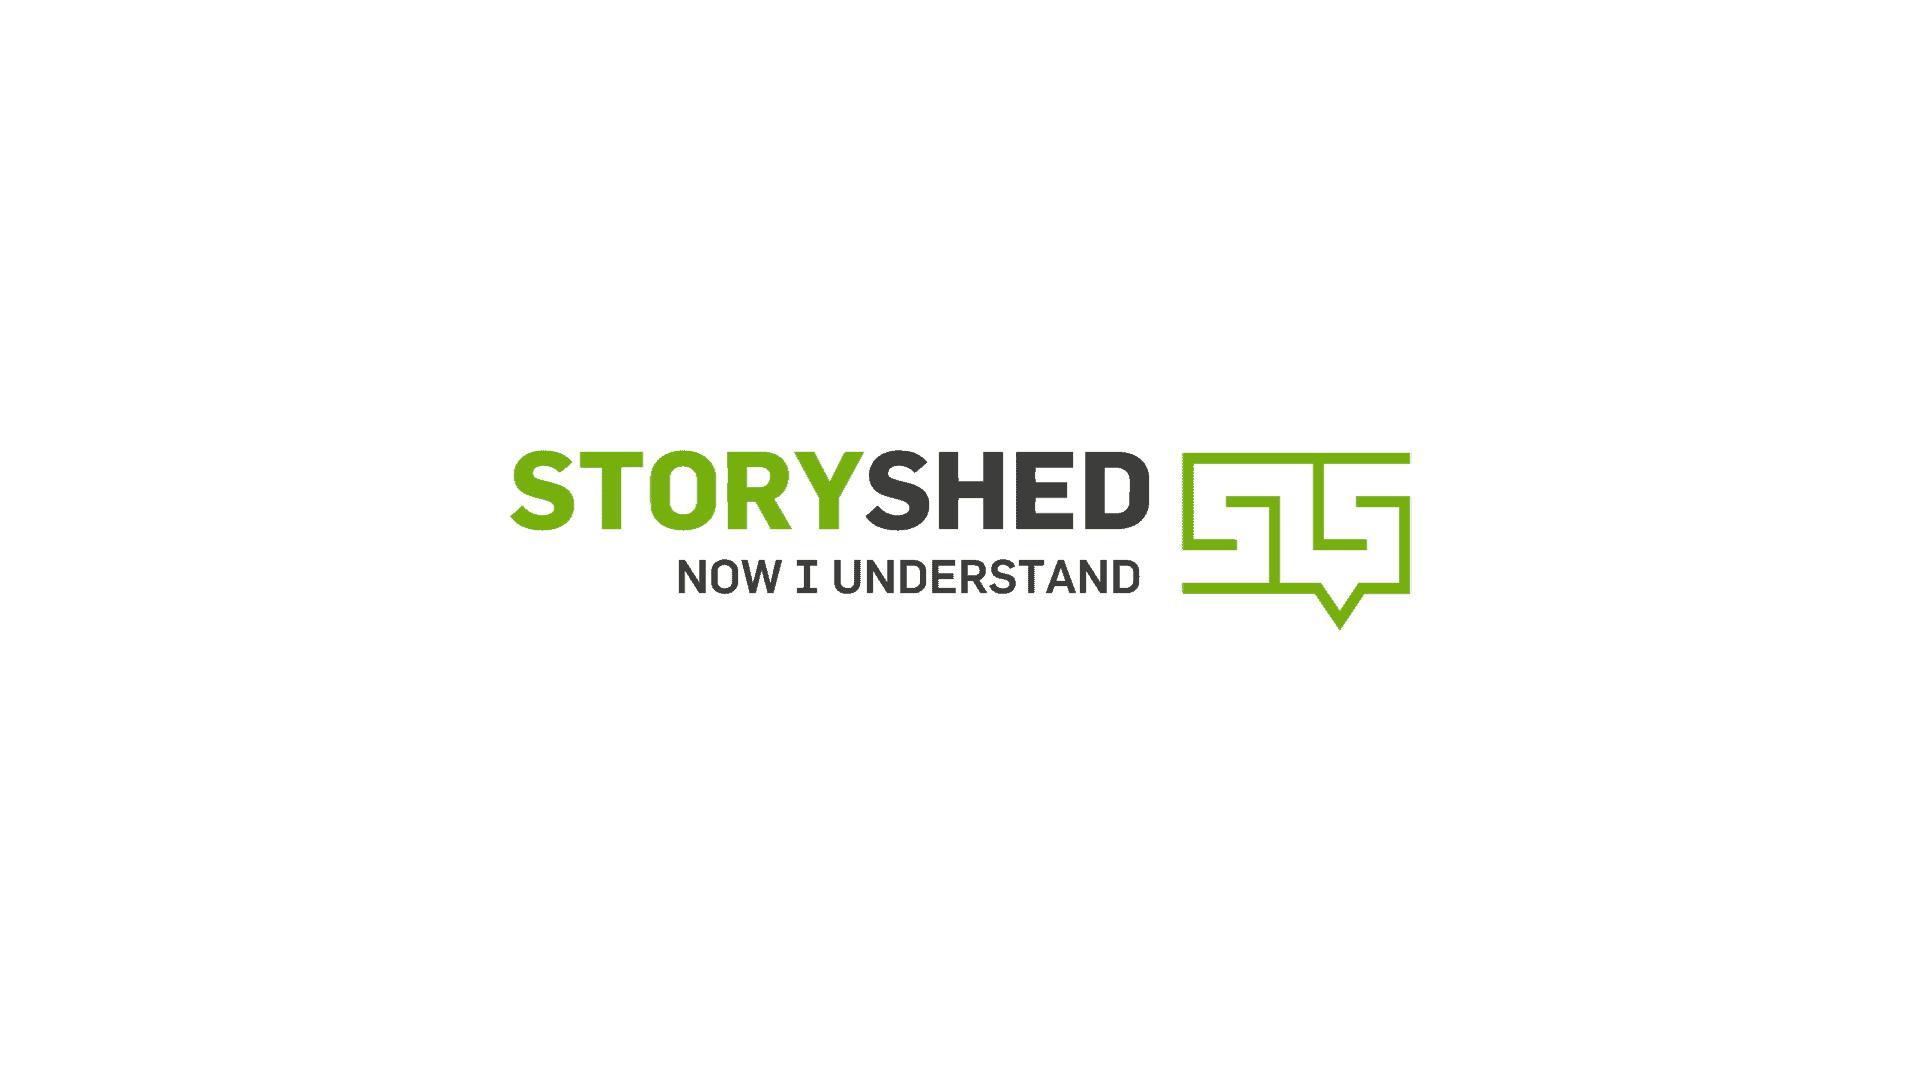 StoryShed 2D + 3D explainer video image still